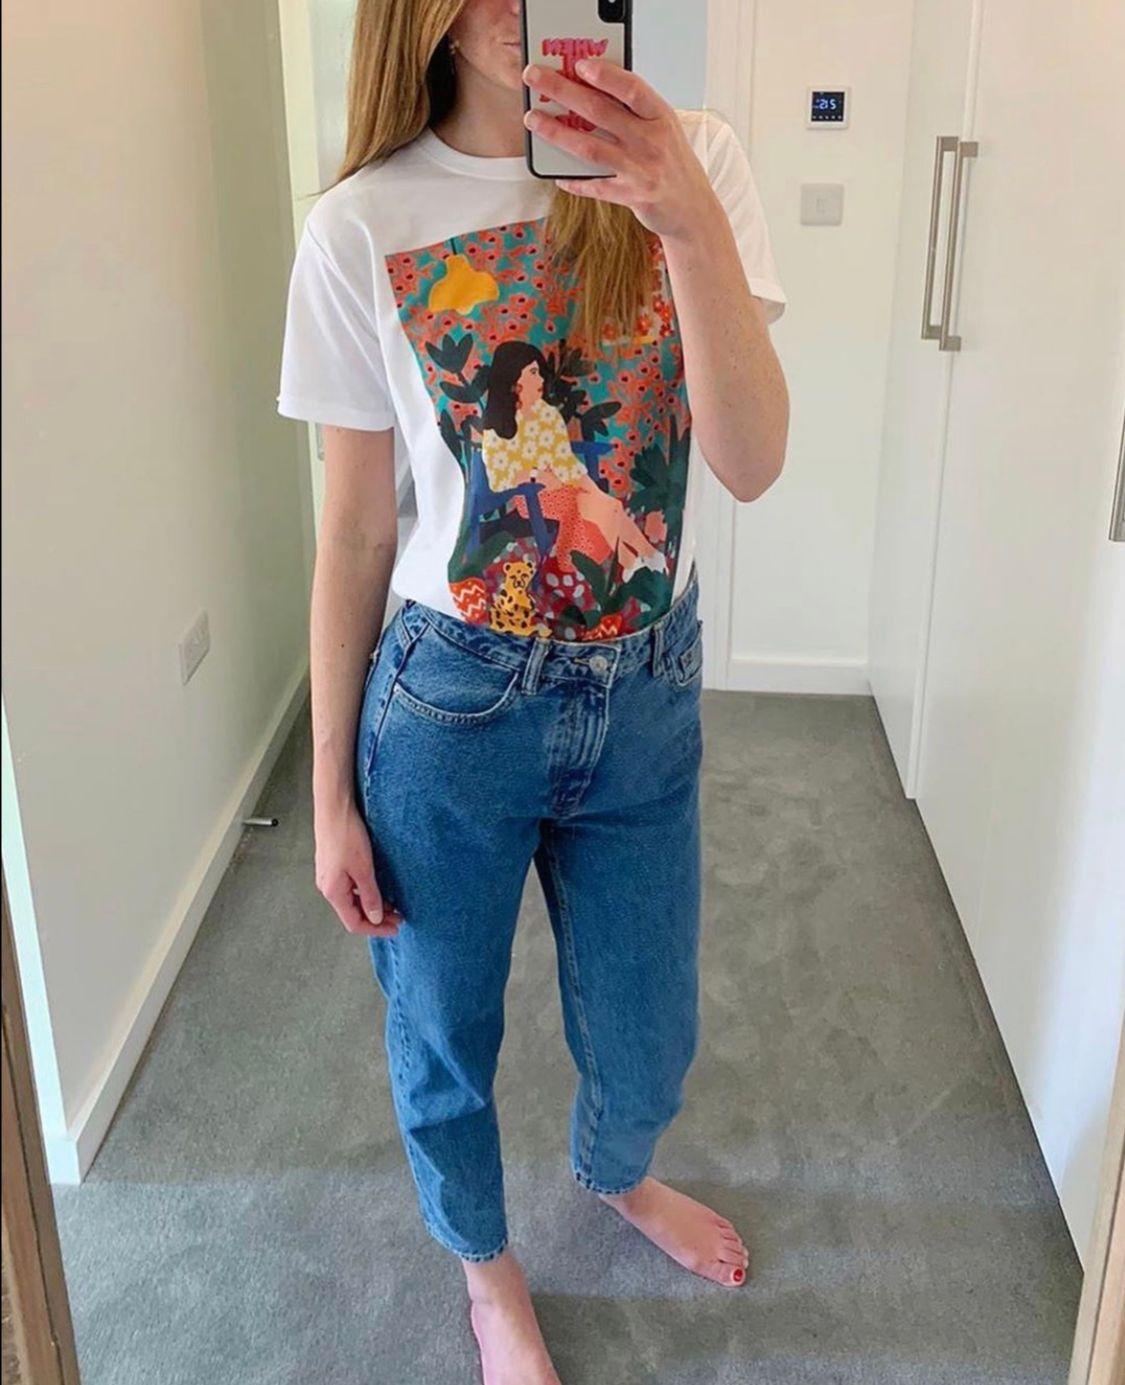 Design for tshirt printing